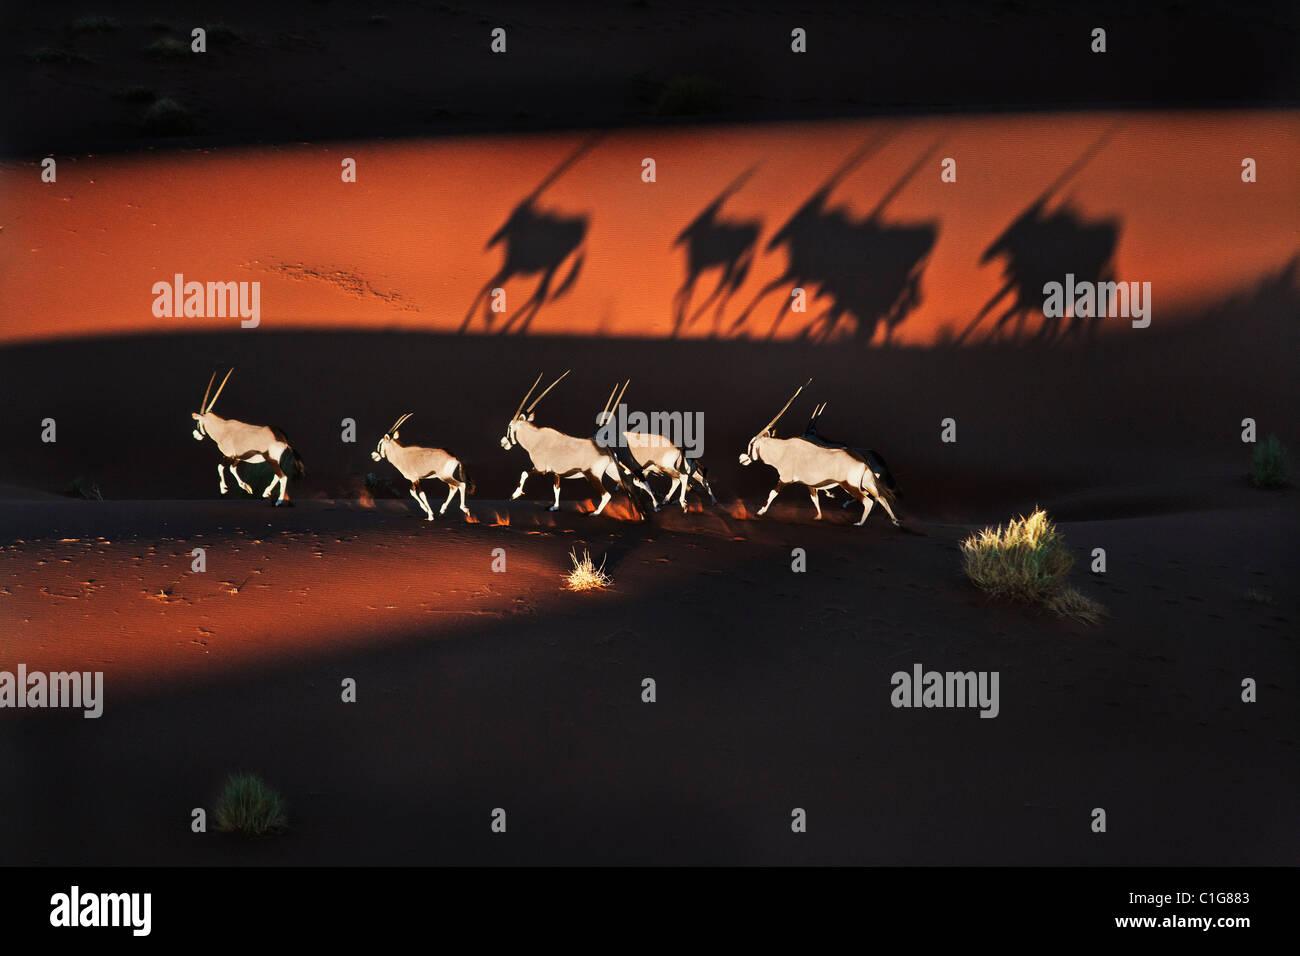 Gemsbok (Oryx gazella) en el típico hábitat del desierto. Dist. Suroeste y Norte de África Oriental. Imagen De Stock